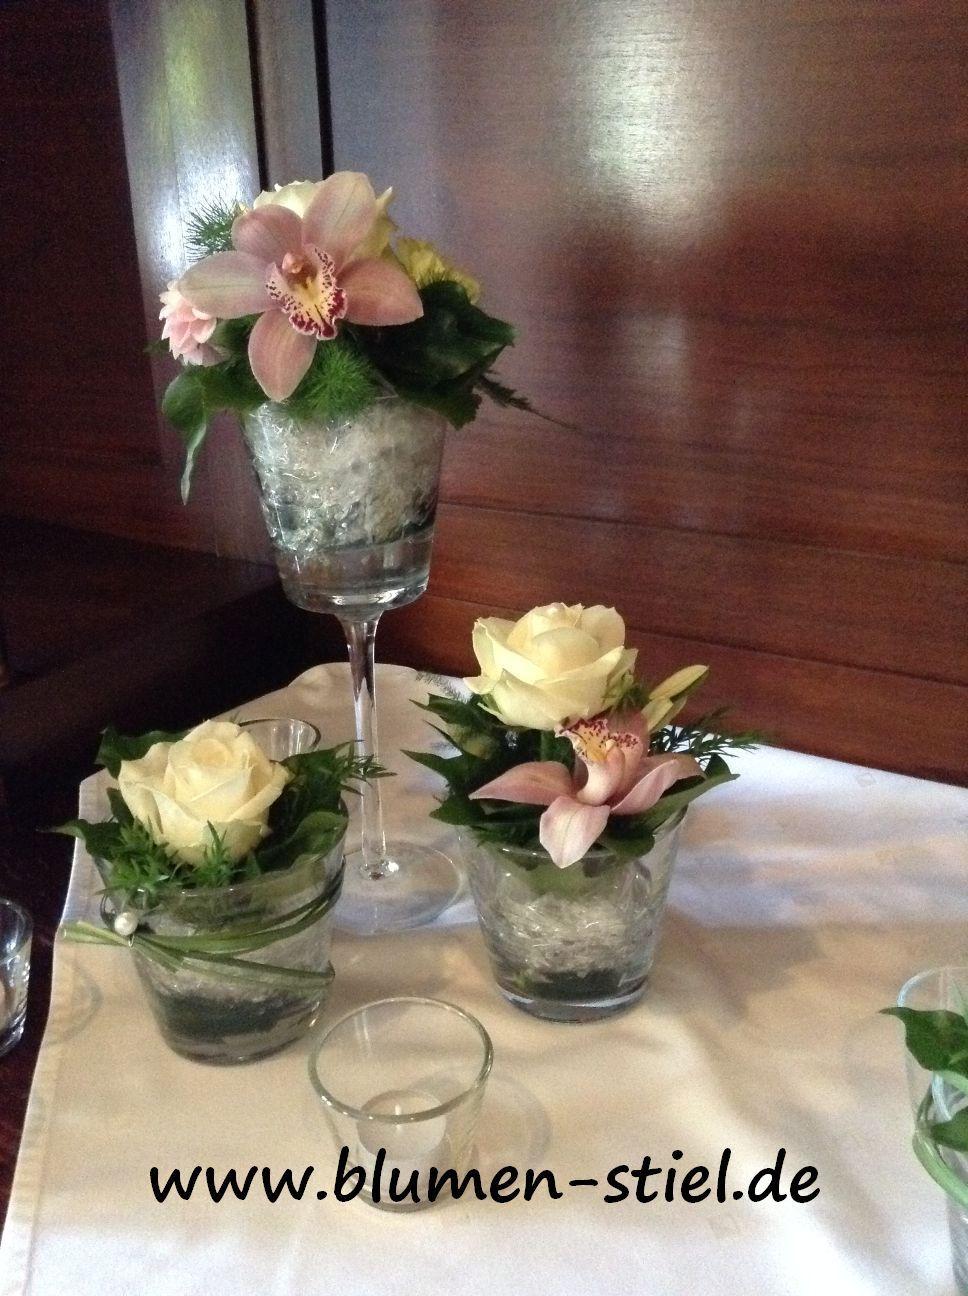 Tischdeko Mit Glasern In Verschiedenen Hohen Cremefarbene Rosen